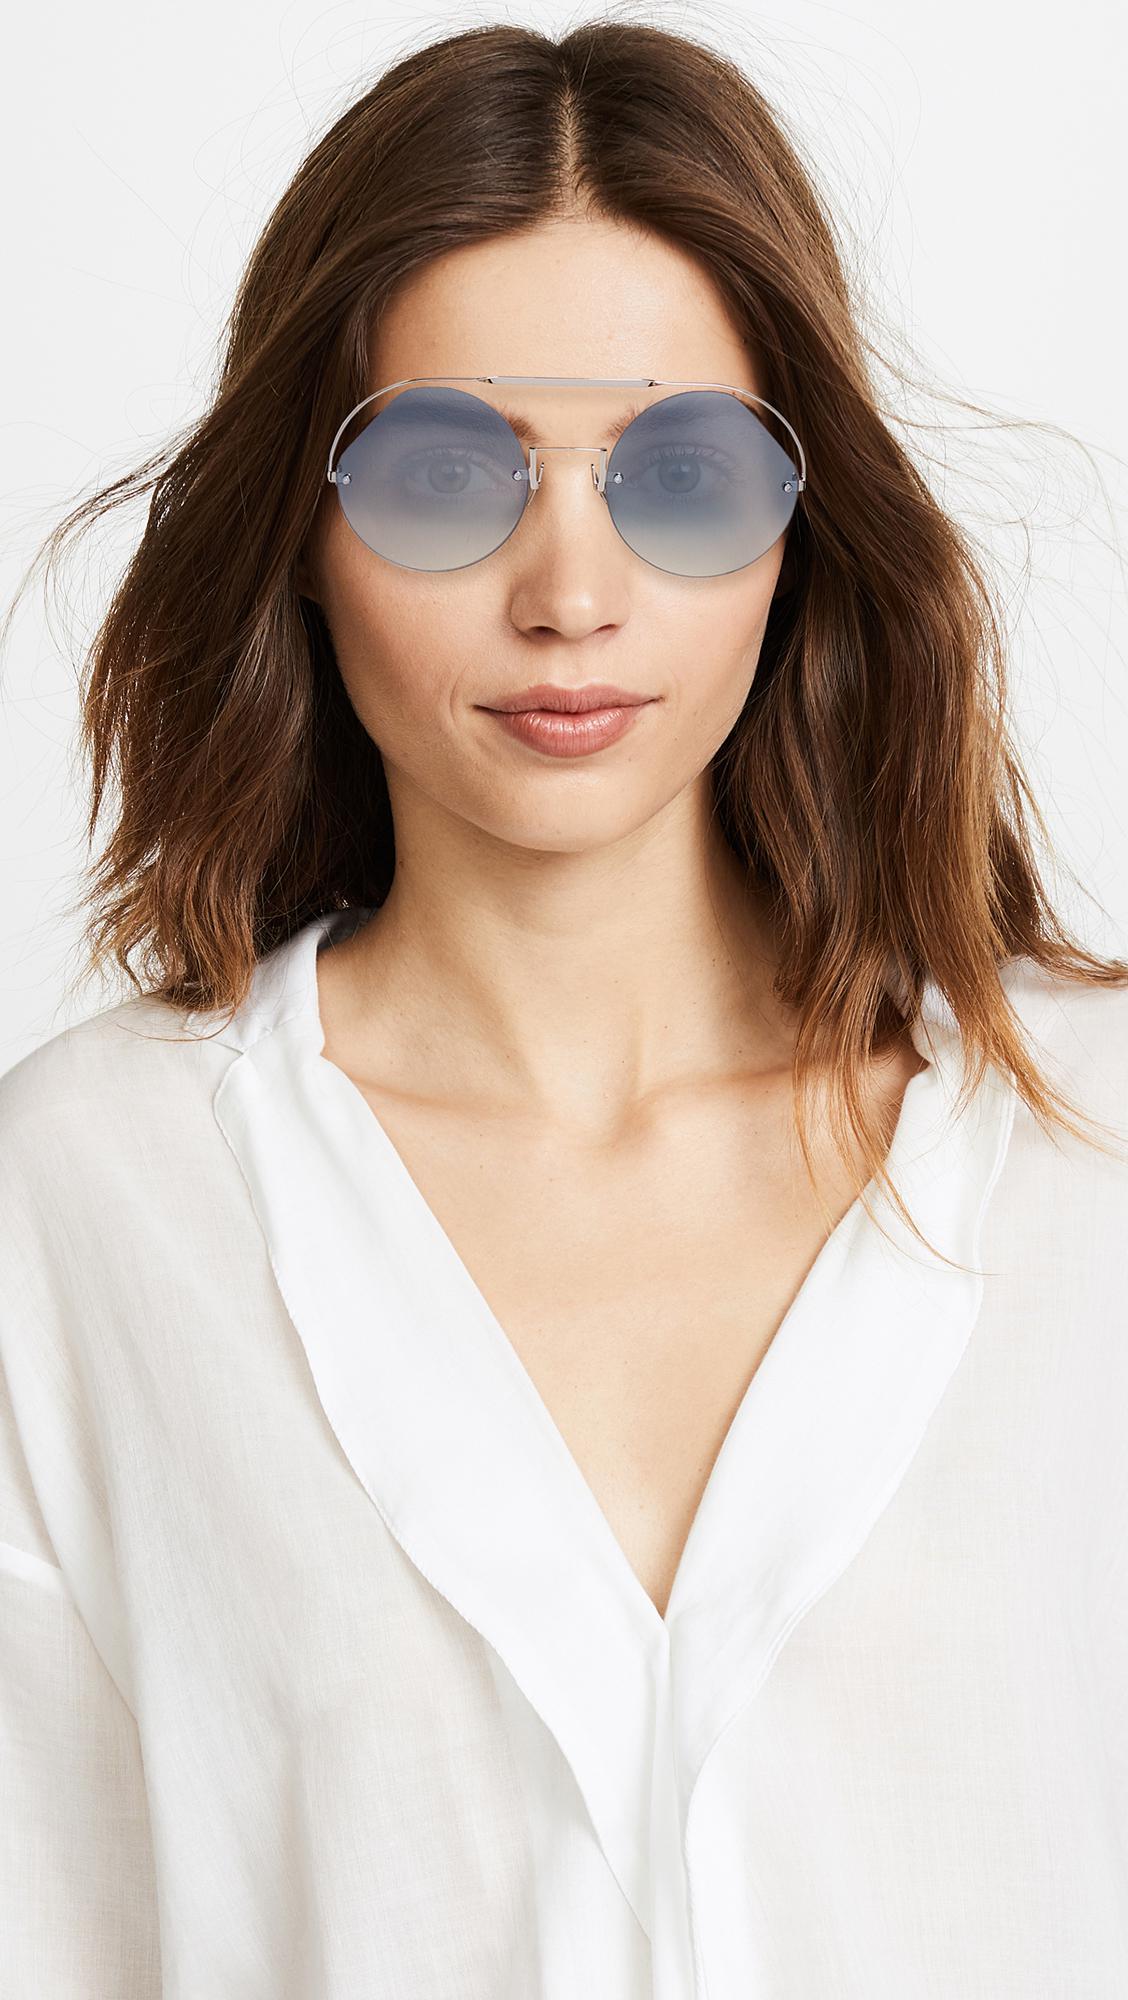 0dbe517021b0 Fendi Cut Out Round Aviator Sunglasses in Blue - Lyst